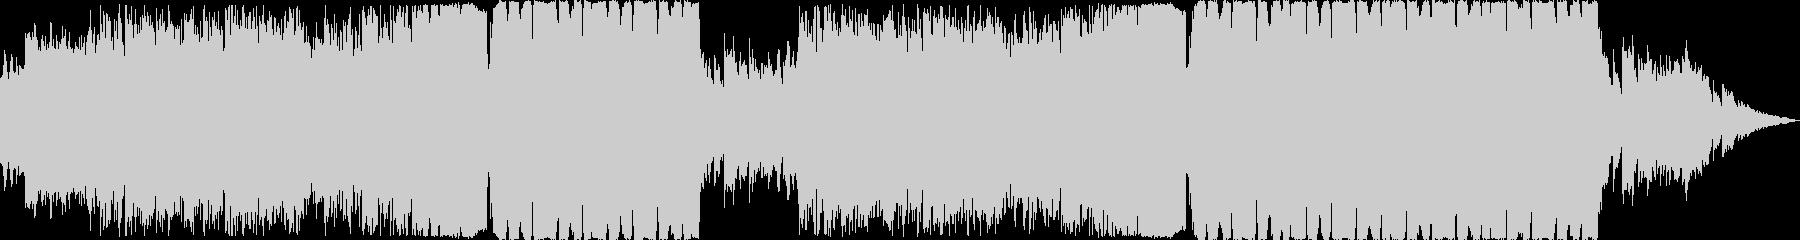 爽やかで幻想的なEDMの未再生の波形